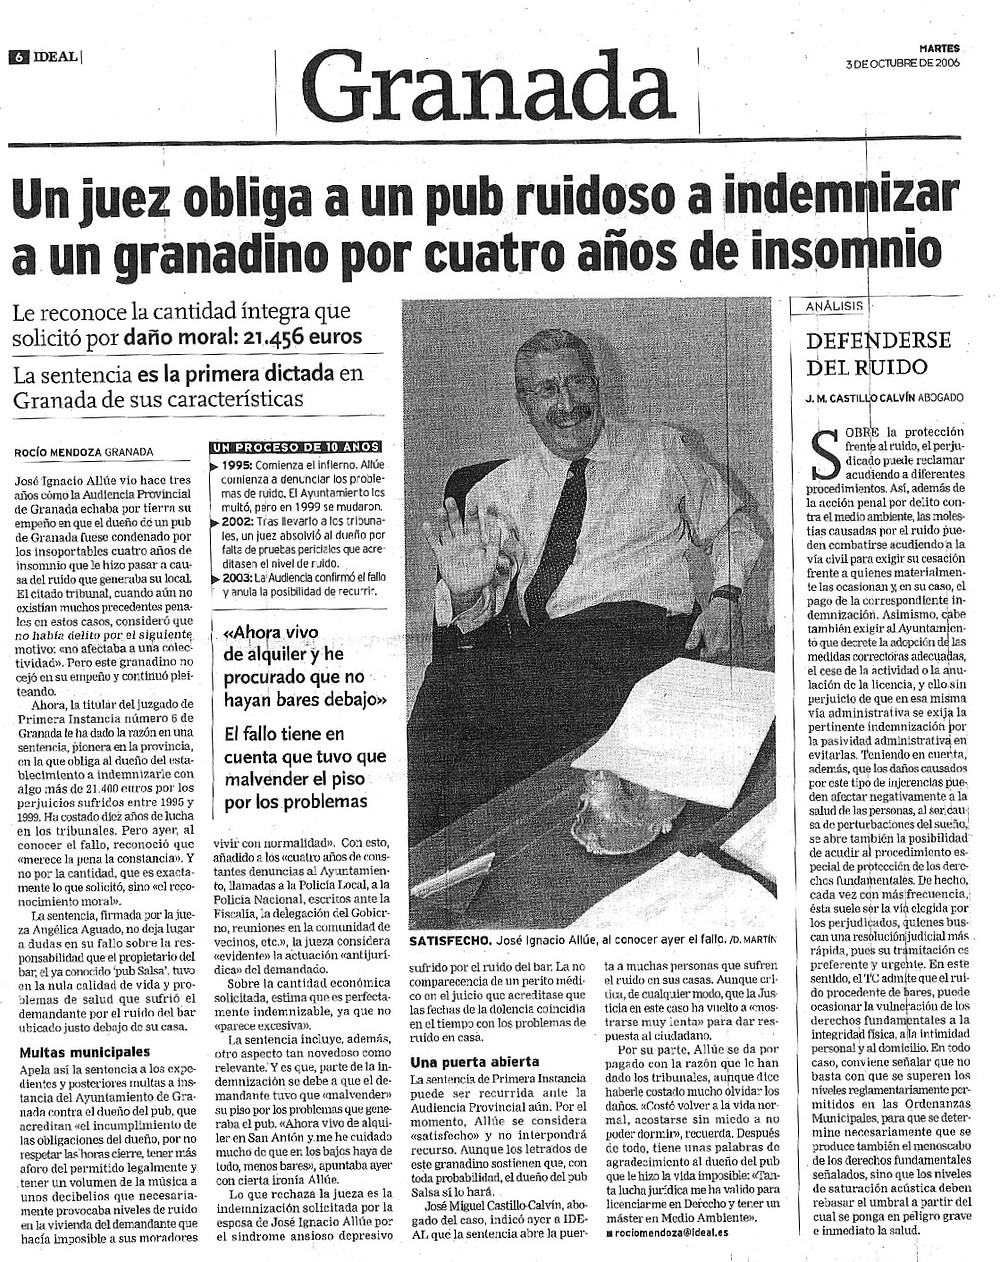 Castillo Calvin Abogados negligencias medicas y errores medicos Madrid Granada